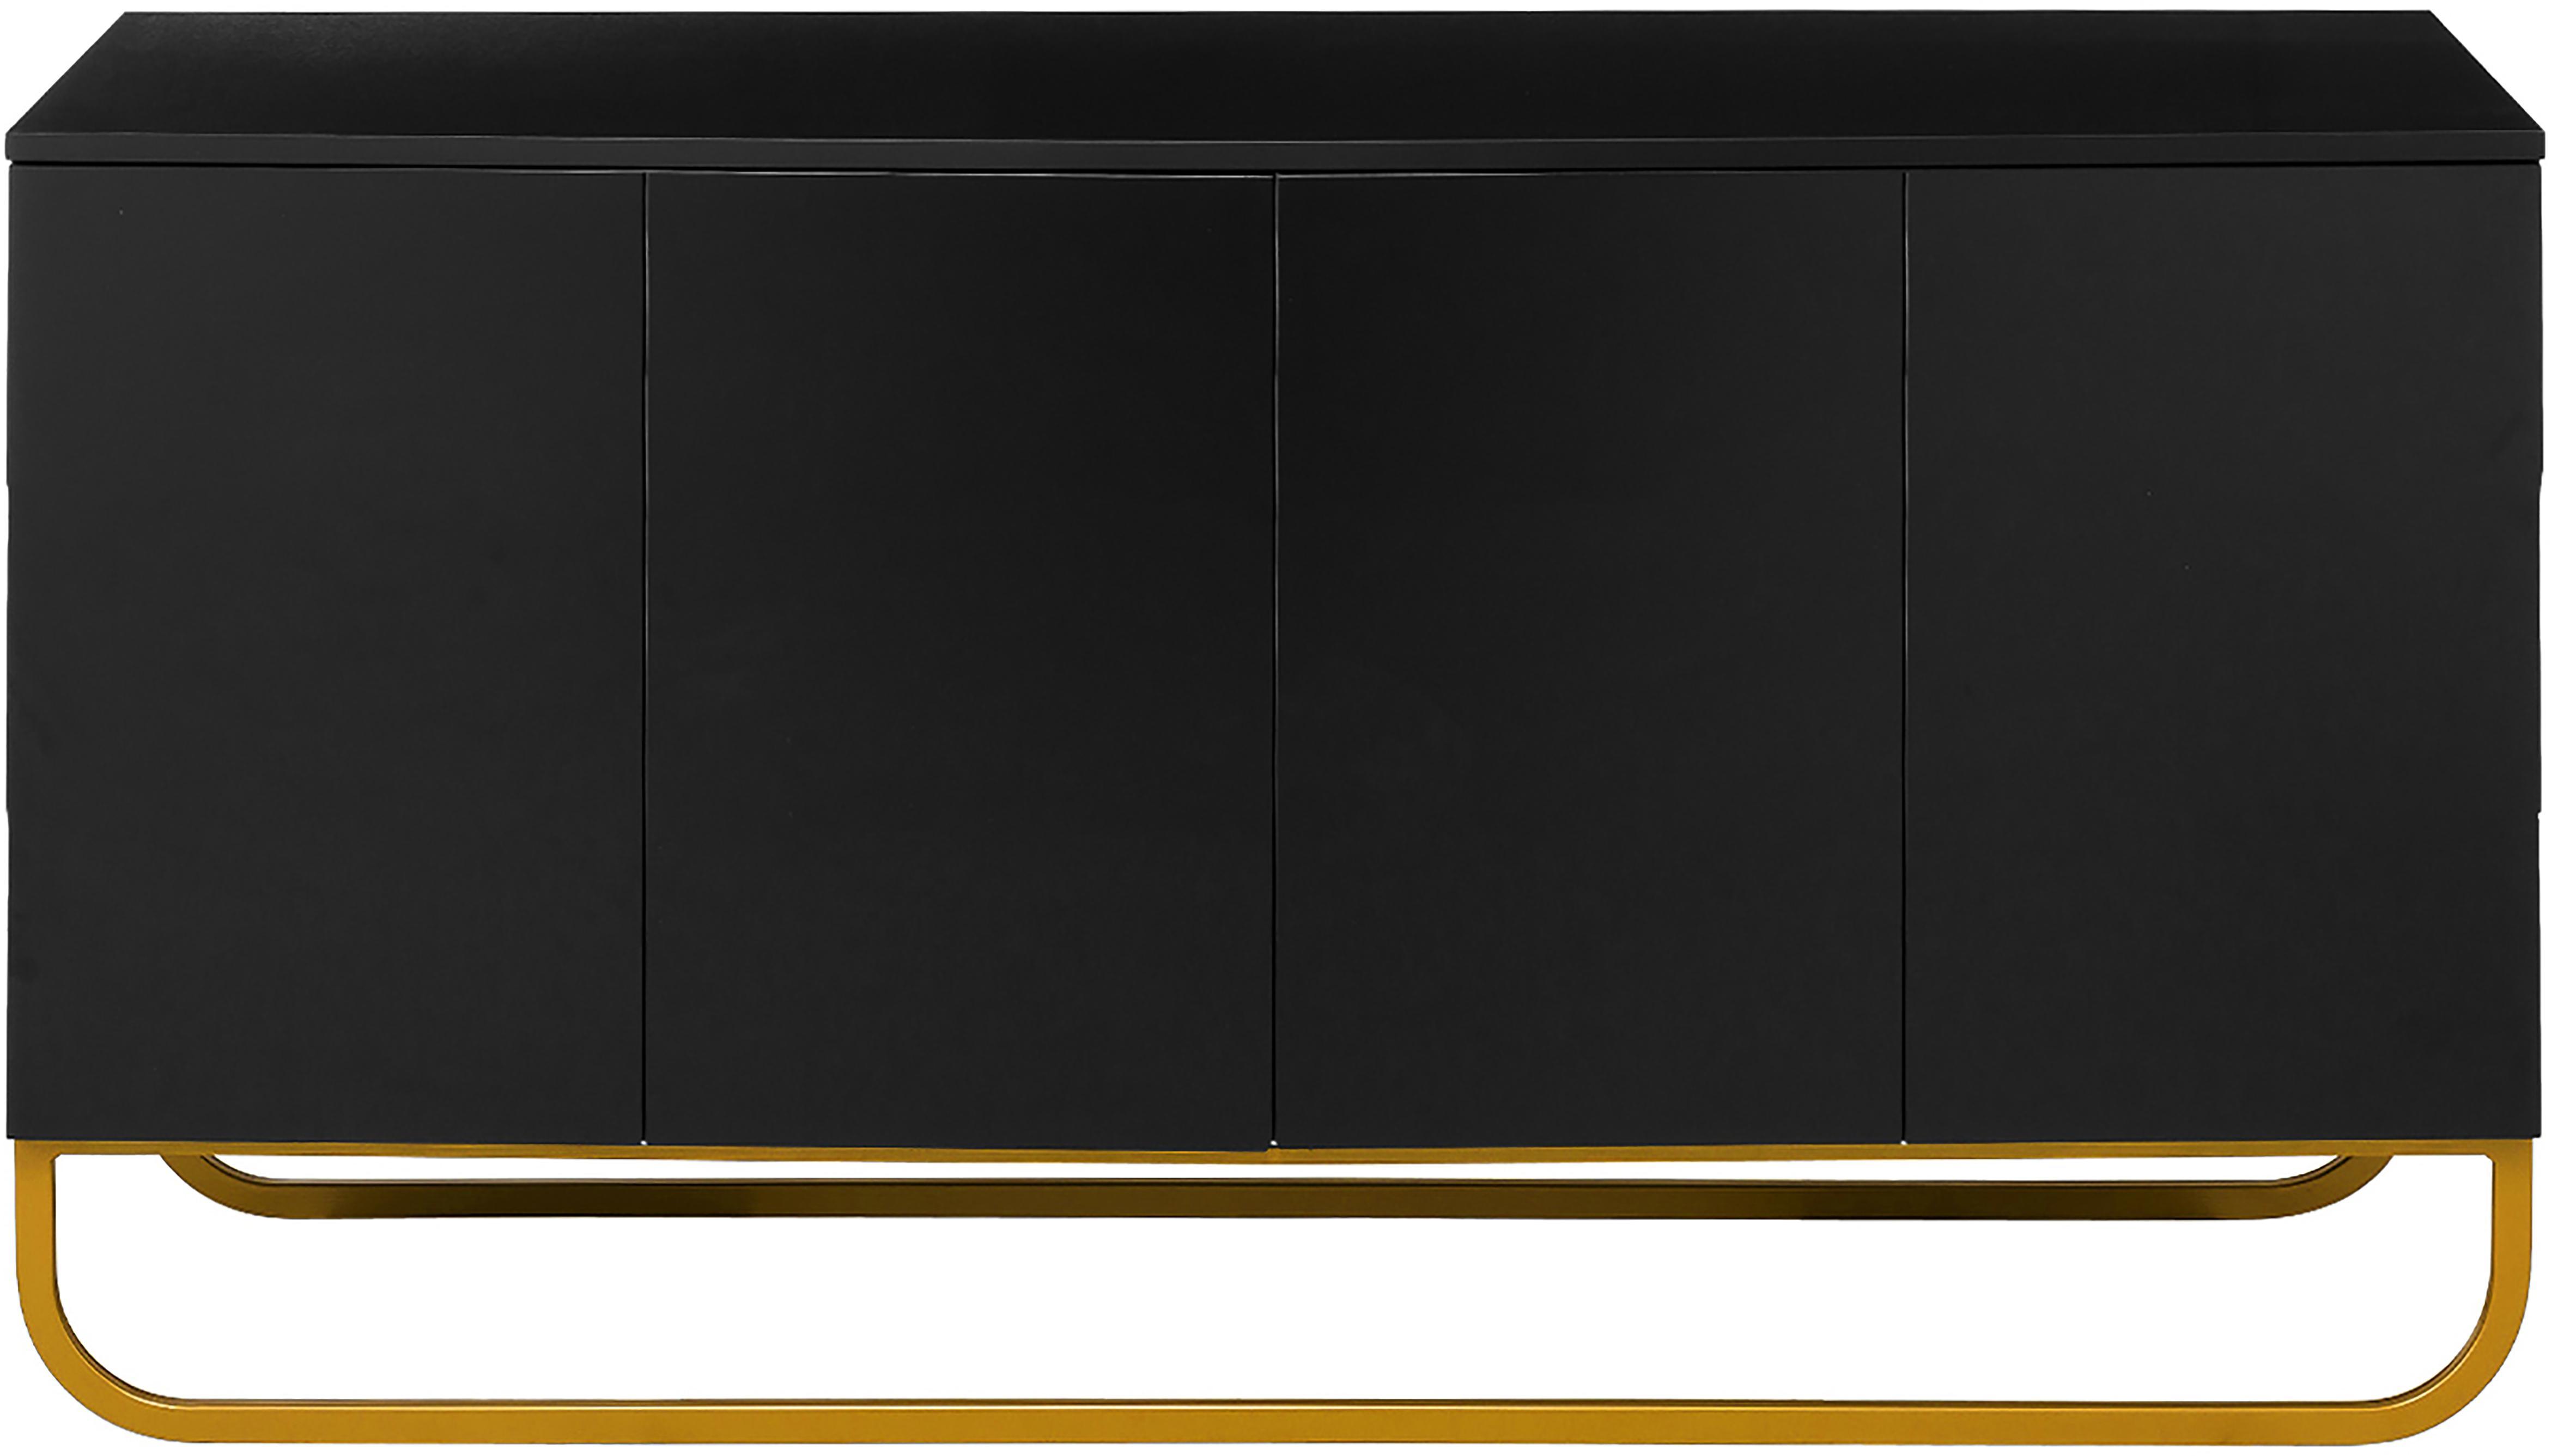 Klassiek dressoir Sanford in zwart, Frame: gelakt MDF, Frame: mat zwart. Onderstel: mat goudkleurig, 160 x 83 cm